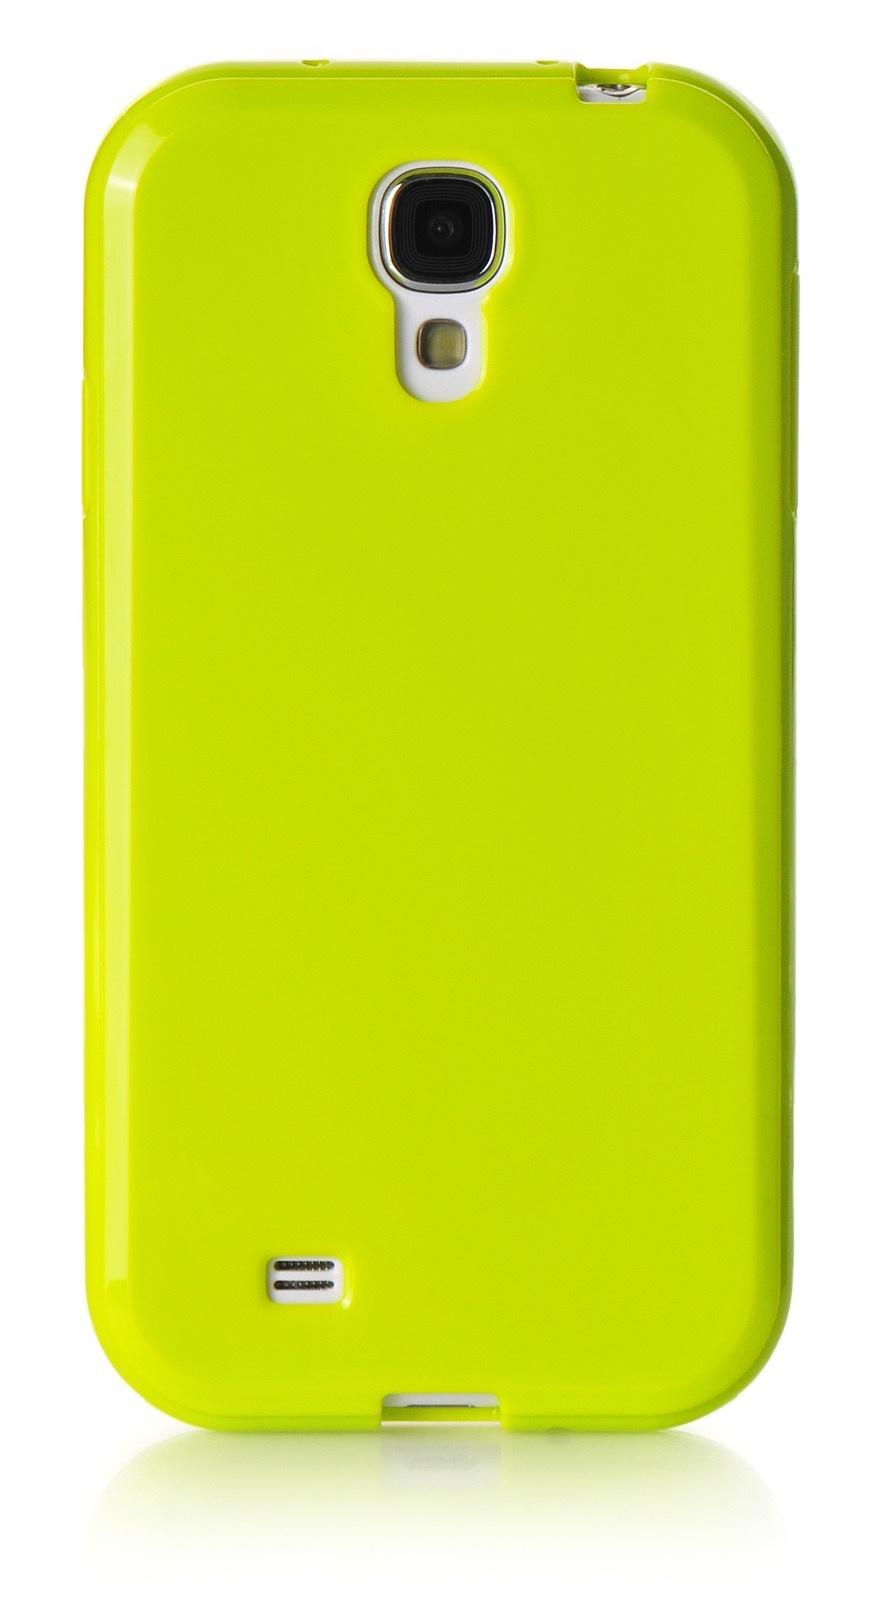 Чехол для сотового телефона iNeez накладка силикон мыльница 480083 для Samsung Galaxy S4 mini, салатовый